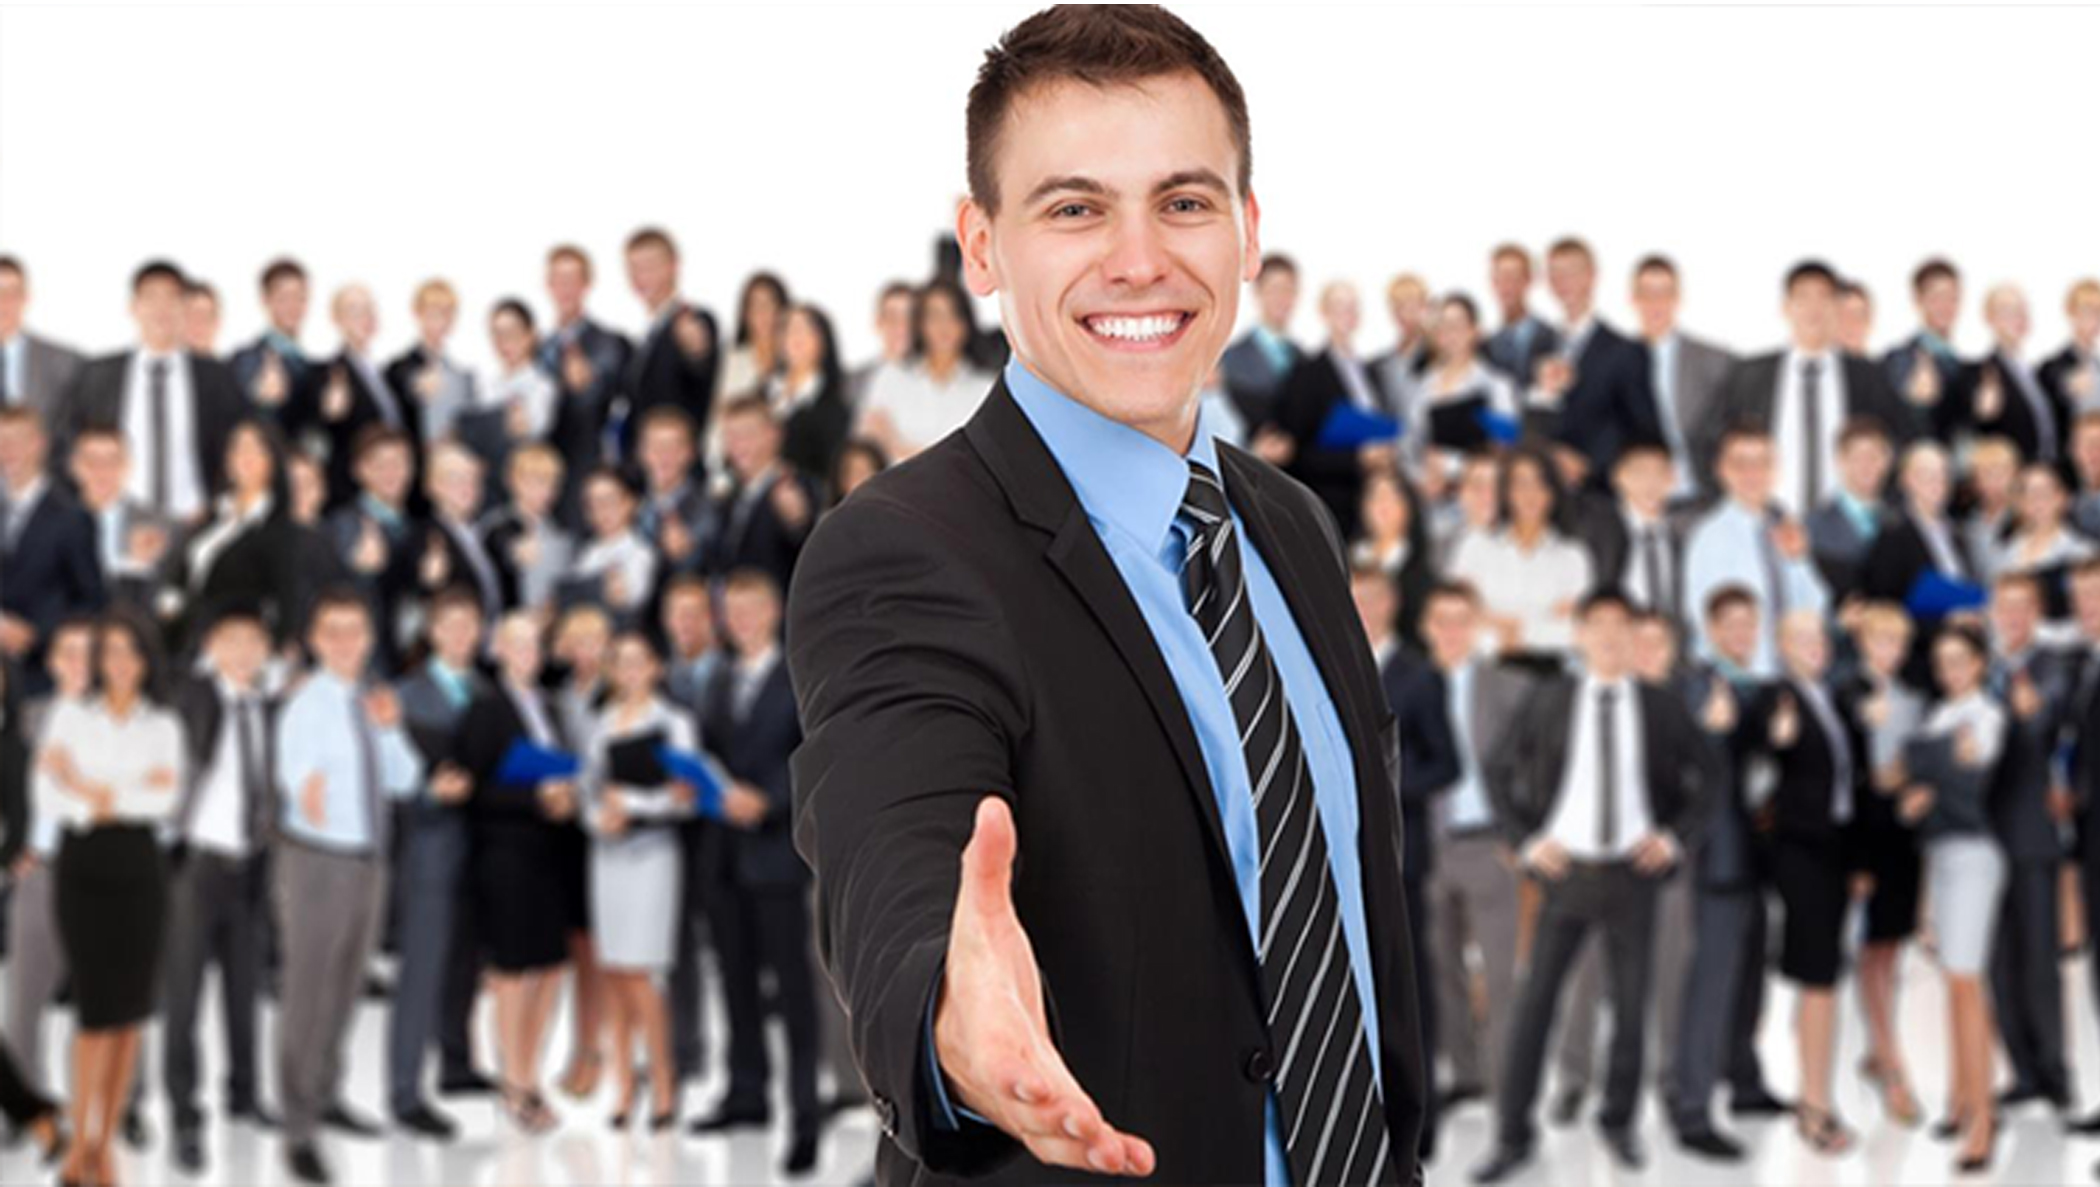 Top các việc nhẹ lương cao khi tìm việc làm tại Cần Thơ